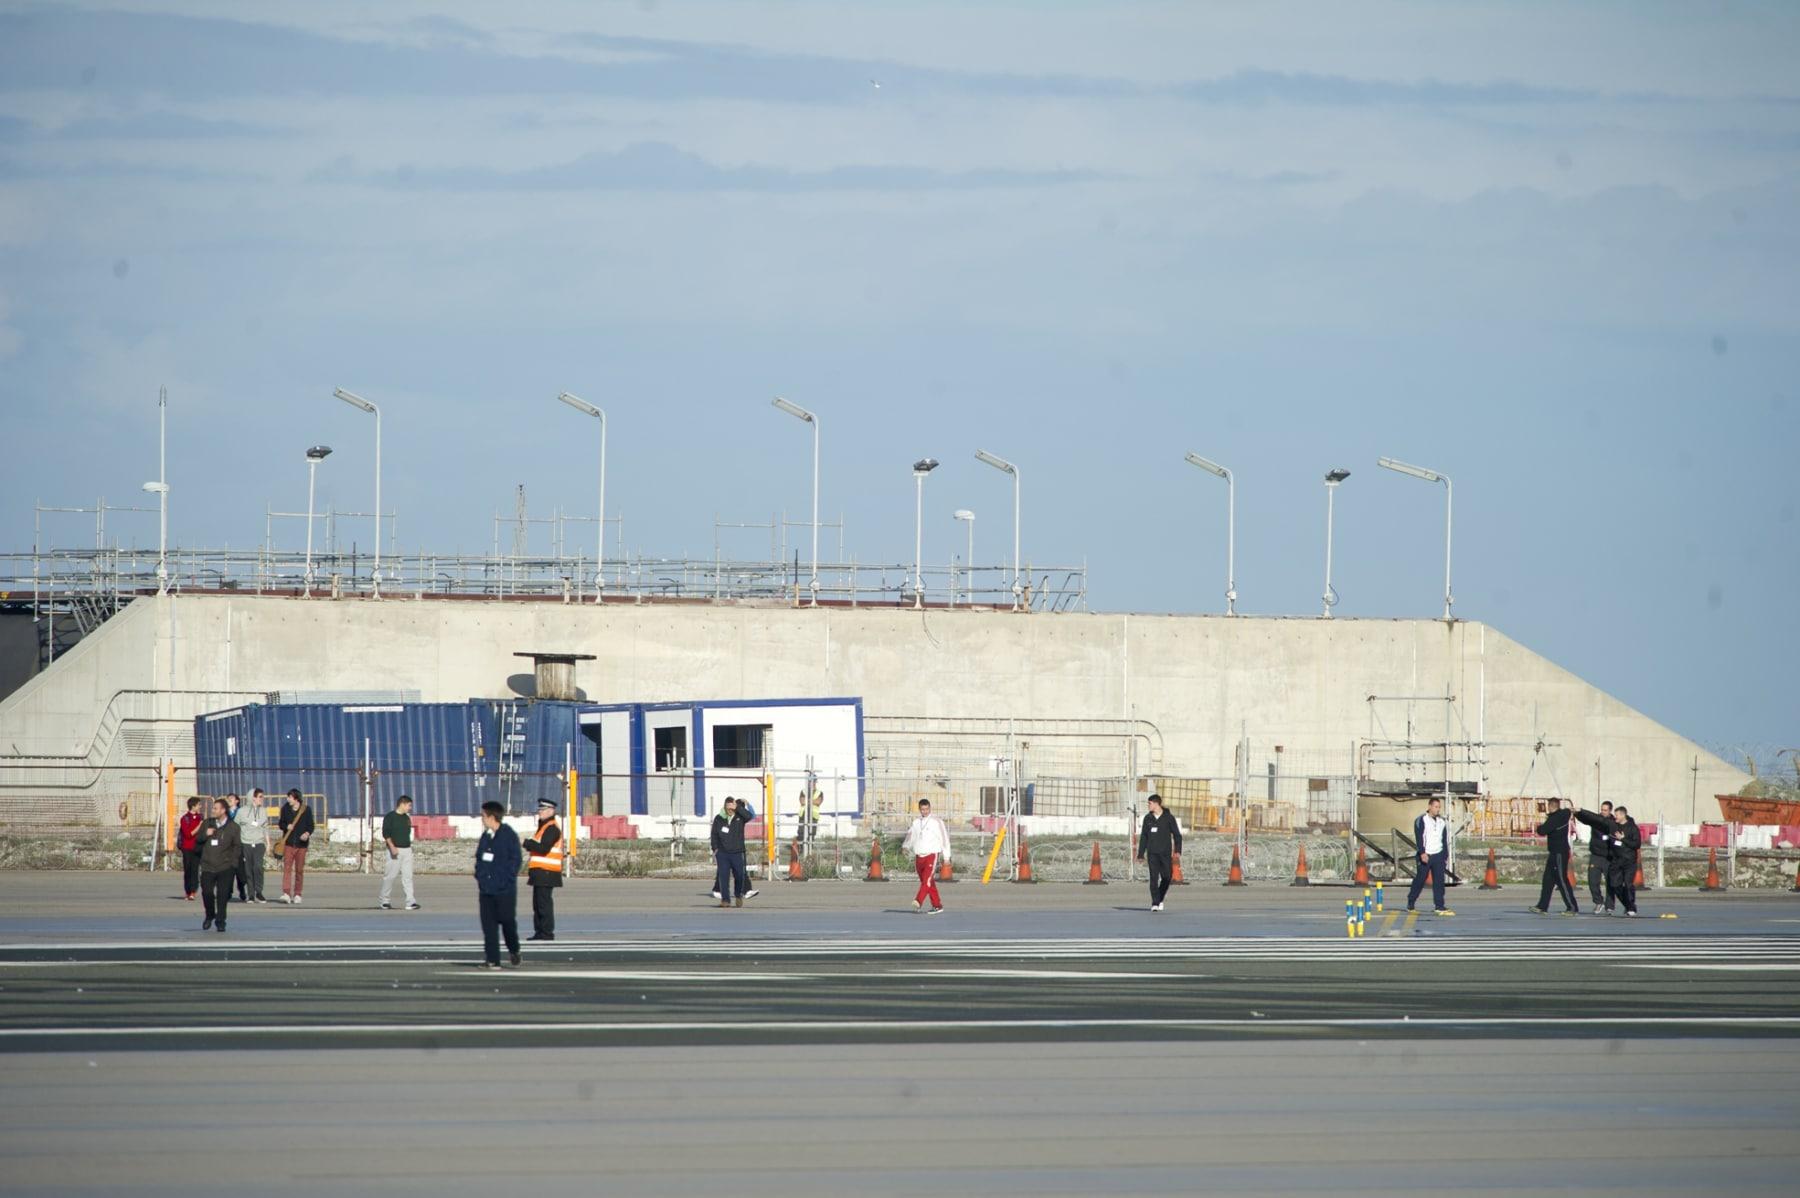 simulacro-accidente-aereo-en-gibraltar-03122014-15_15918120356_o